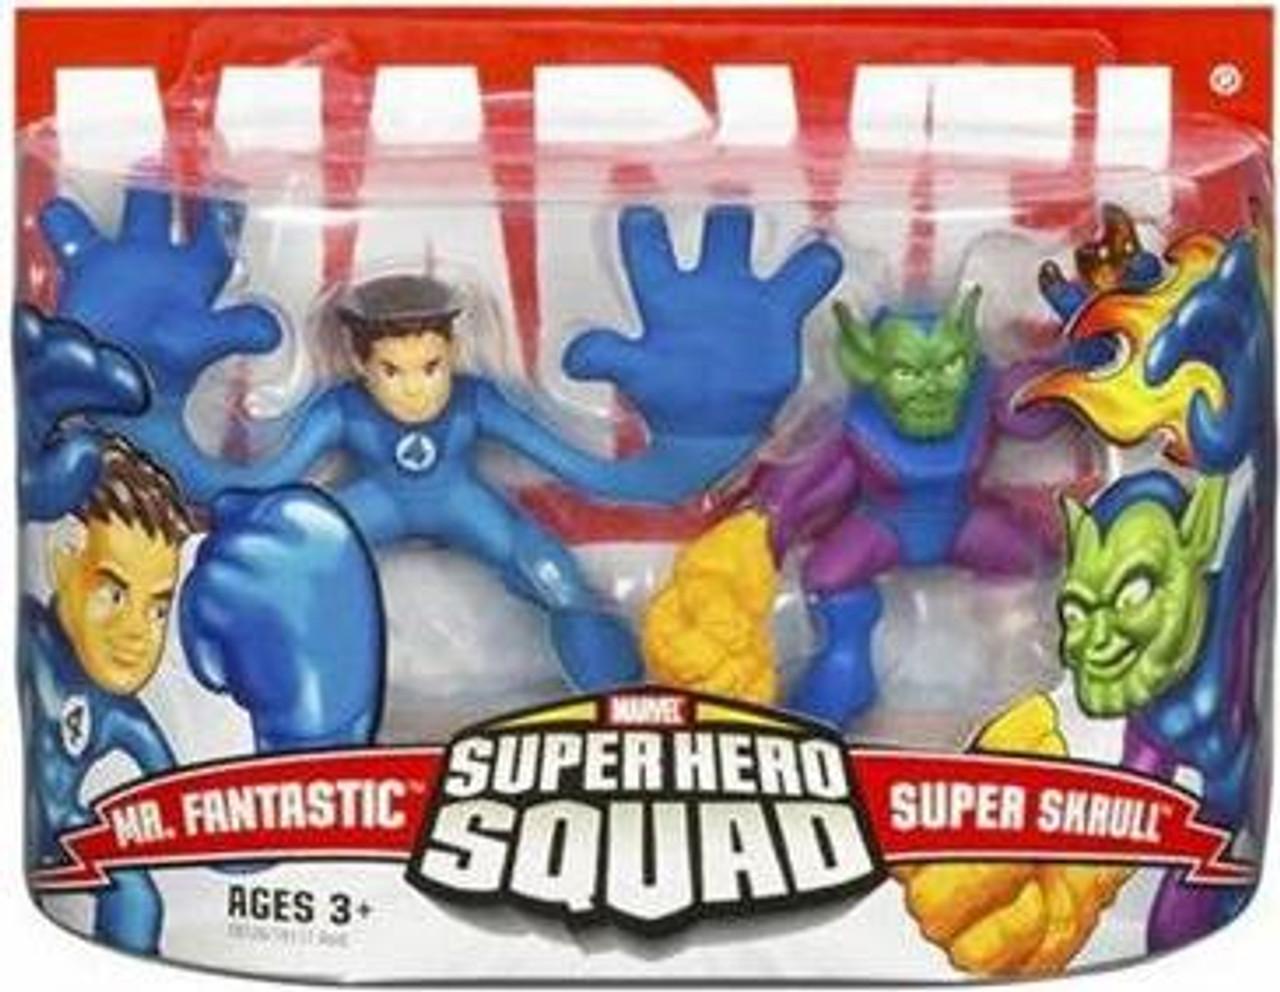 Marvel Super Hero Squad Series 3 Mr. Fantastic & Super Skrull Action Figure 2-Pack